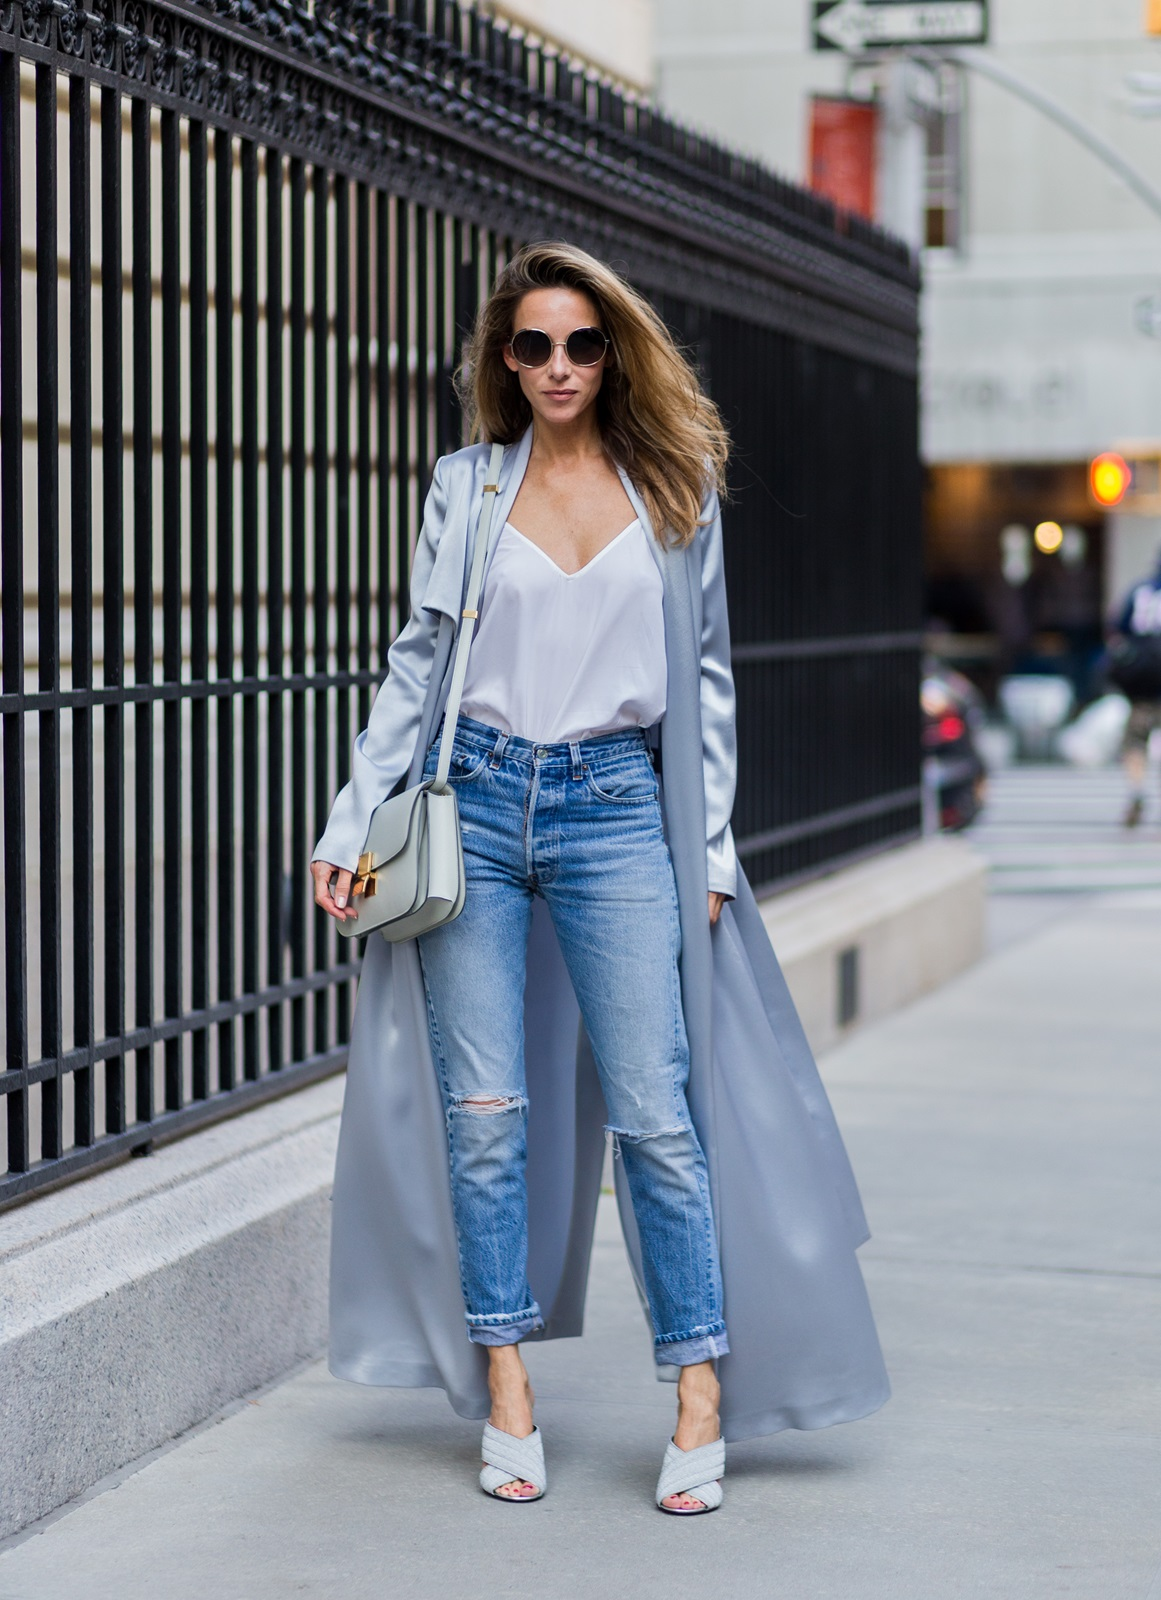 2c614c43 NEW YORK, NY - SEPTEMBER 13: German fashion blogger and model Alexandra Lapp  ...